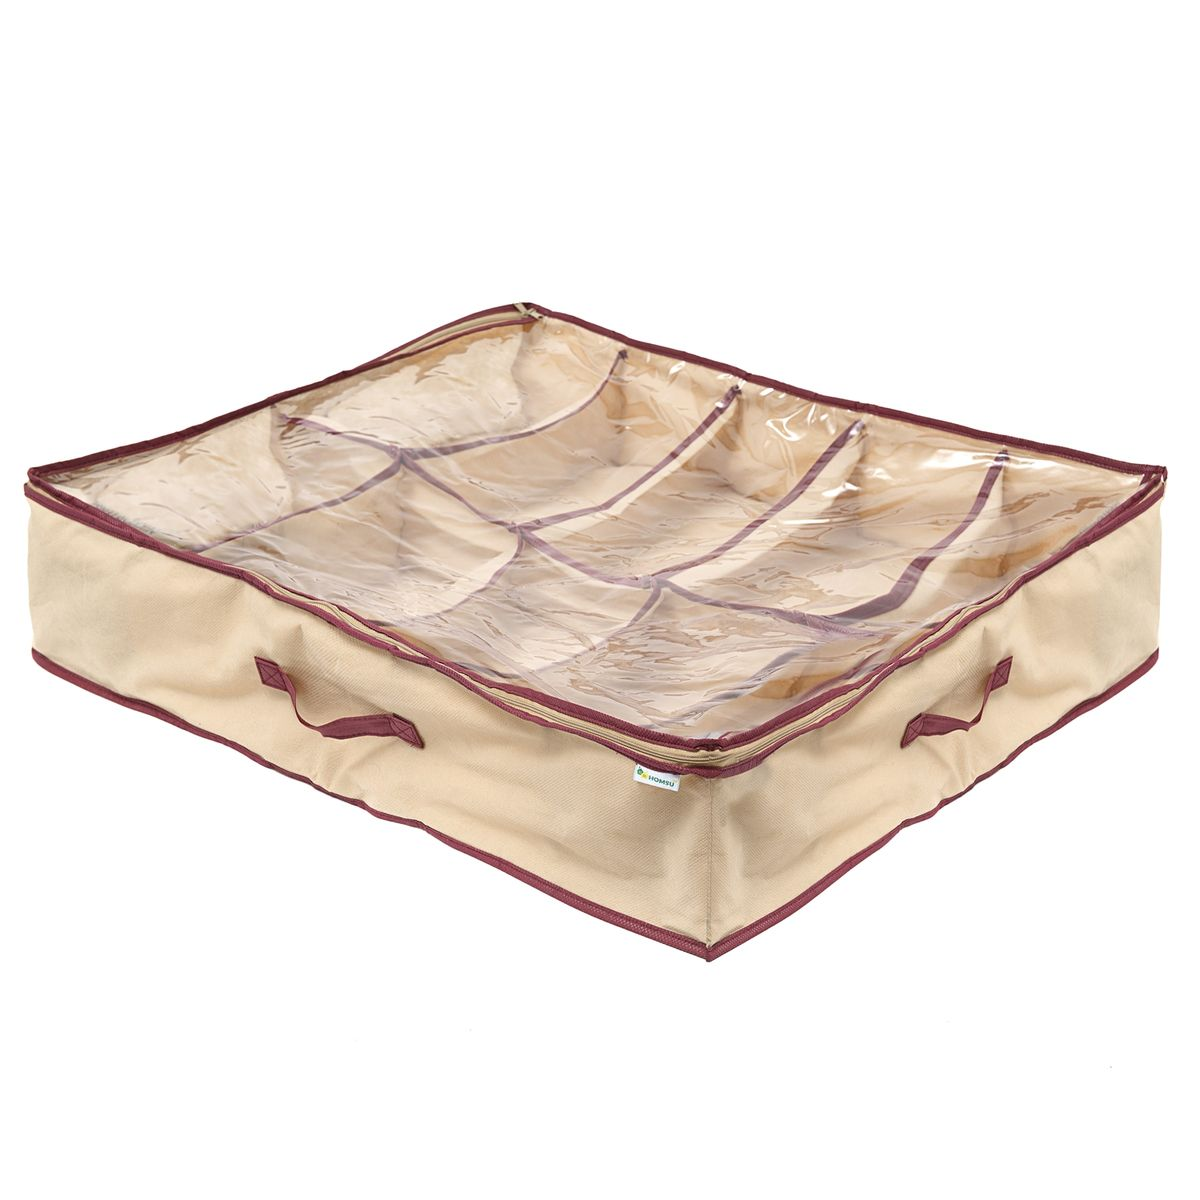 Органайзер для обуви Homsu Comfort, цвет: бежевый, 66 x 63 x 11 смHOM-681Очень удобный способ хранить сезонную обувь. Десять отделений вмещают 10 пар обуви. Органайзер плоский, удобно хранить под кроватью или диваном. Размер изделия:66x63x11см